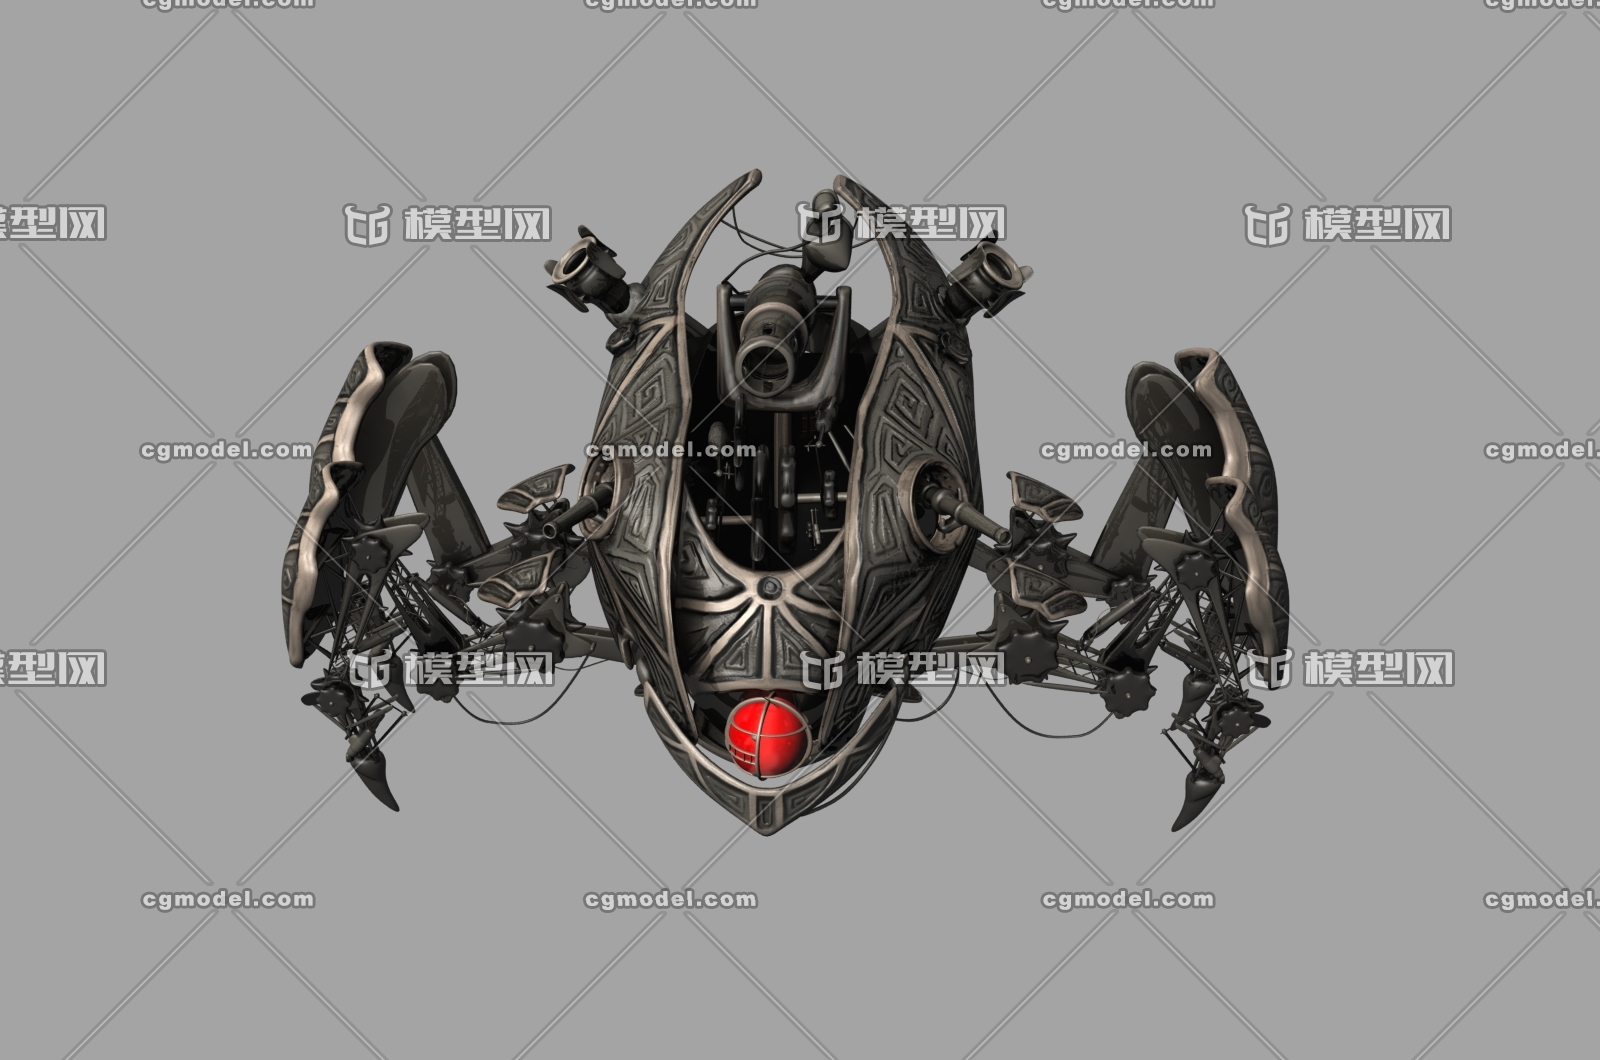 机太空飞船宇宙飞船未来科幻外星飞船战舰战机异形飞行器影视游戏模